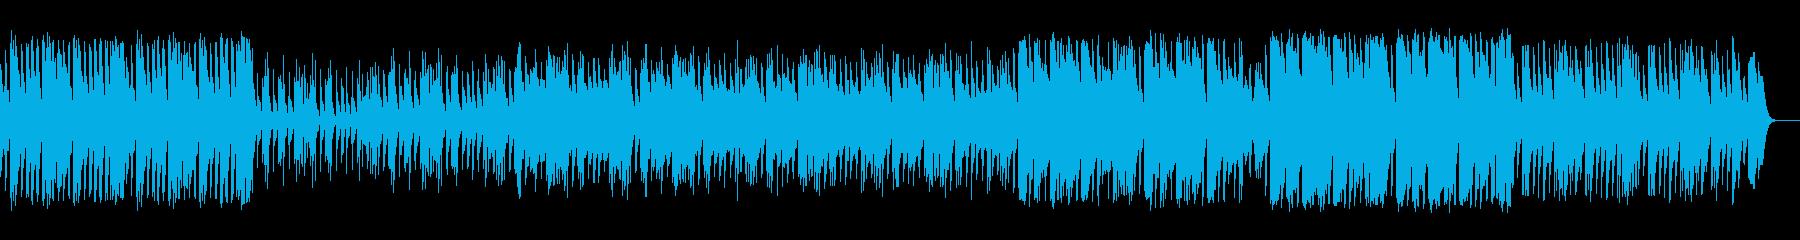 奇妙な、「ボールルームワルツとツイ...の再生済みの波形